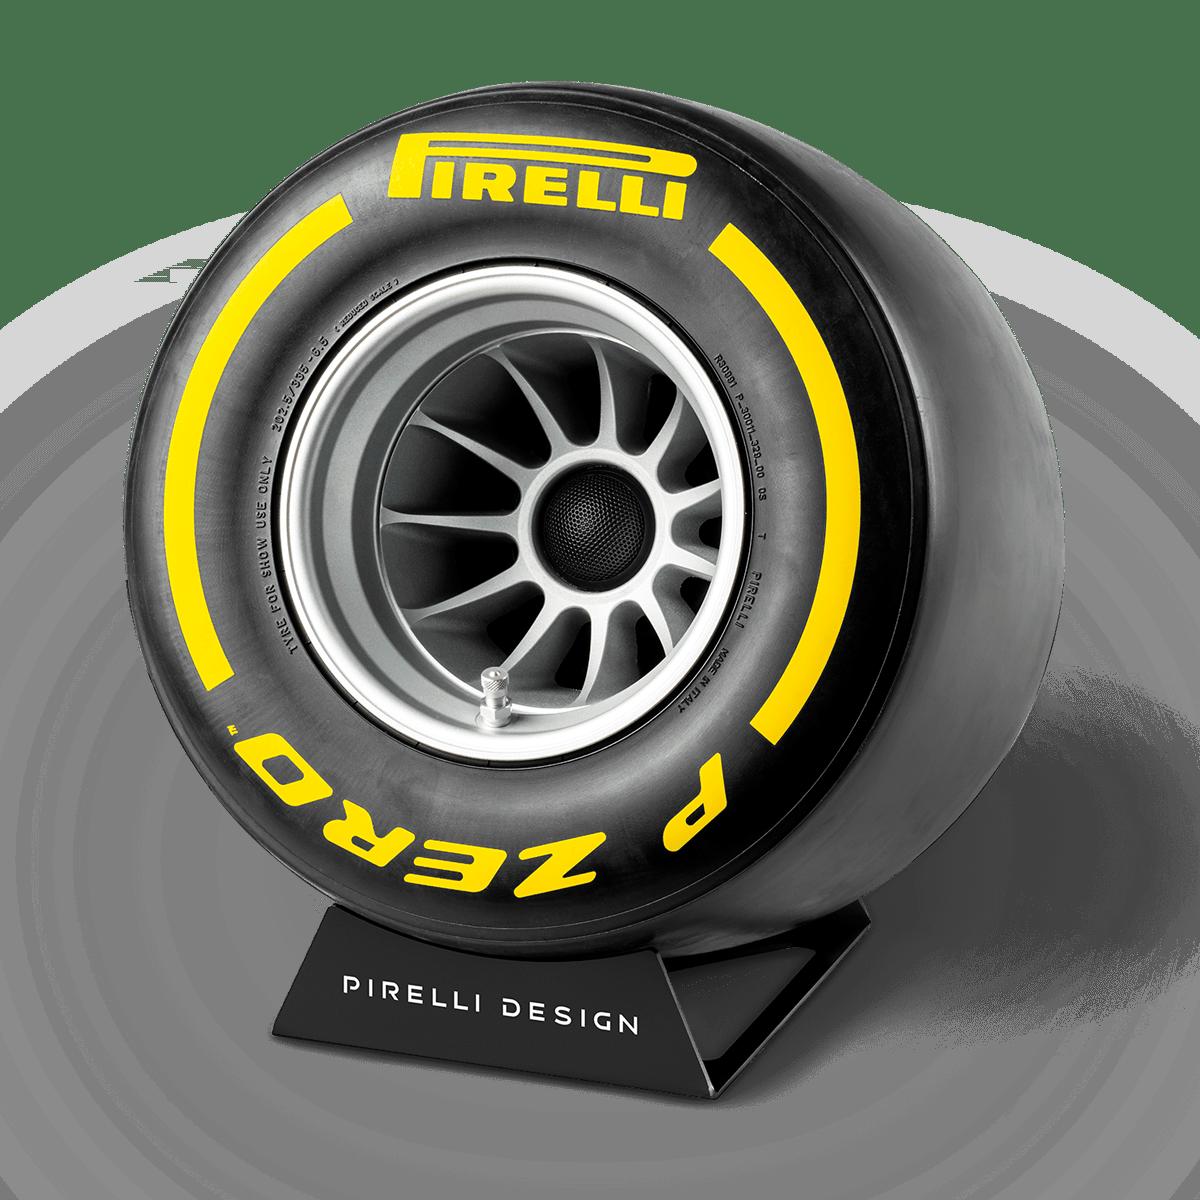 Pirelli P ZERO™ impianto audio casa colore giallo